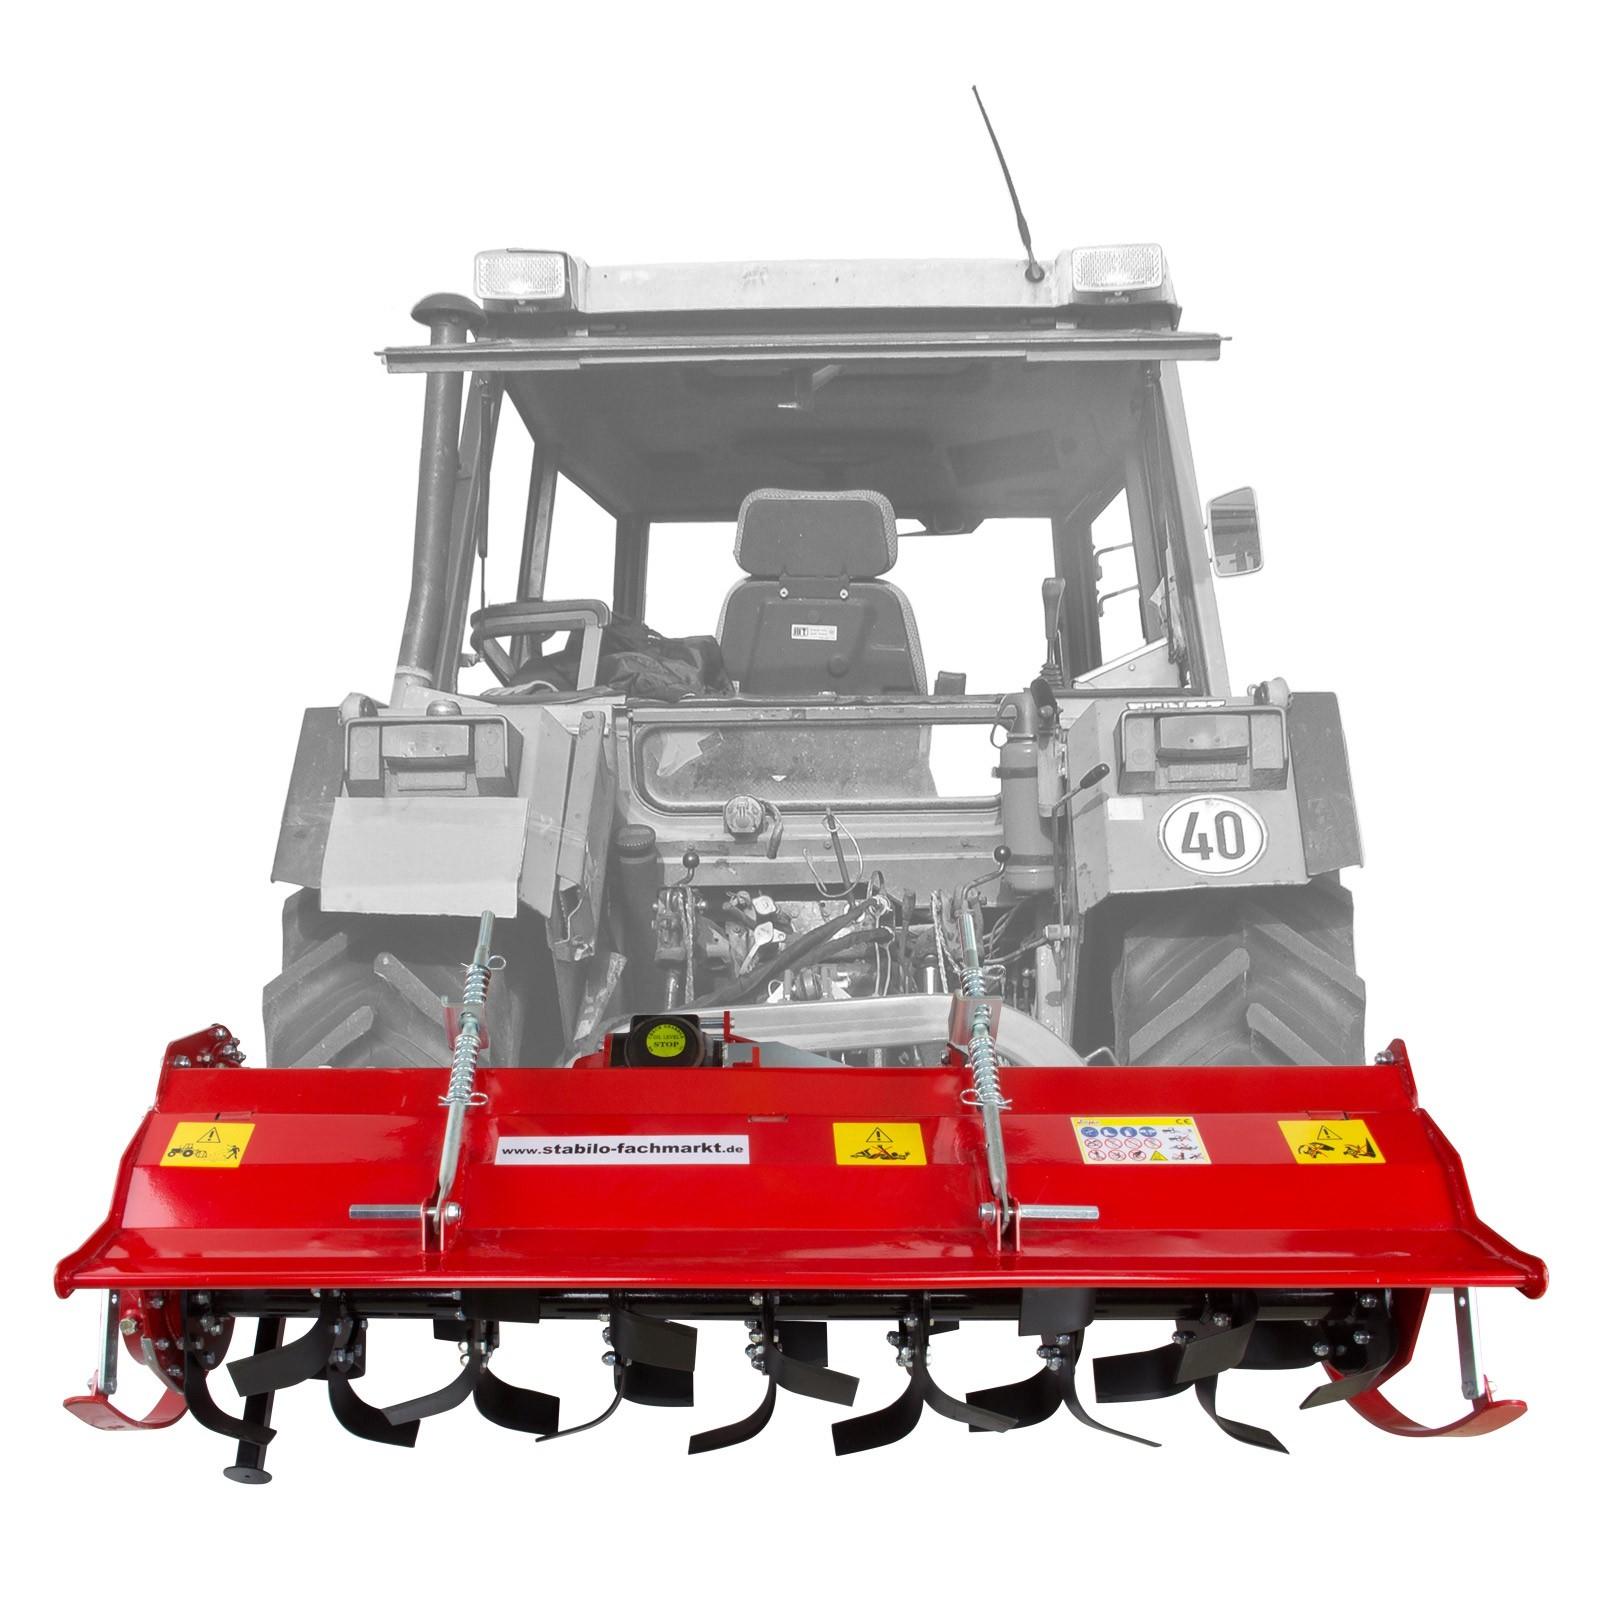 Dema Bodenfräse / Ackerfräse BF180 für Traktoren bis 50 PS 67812